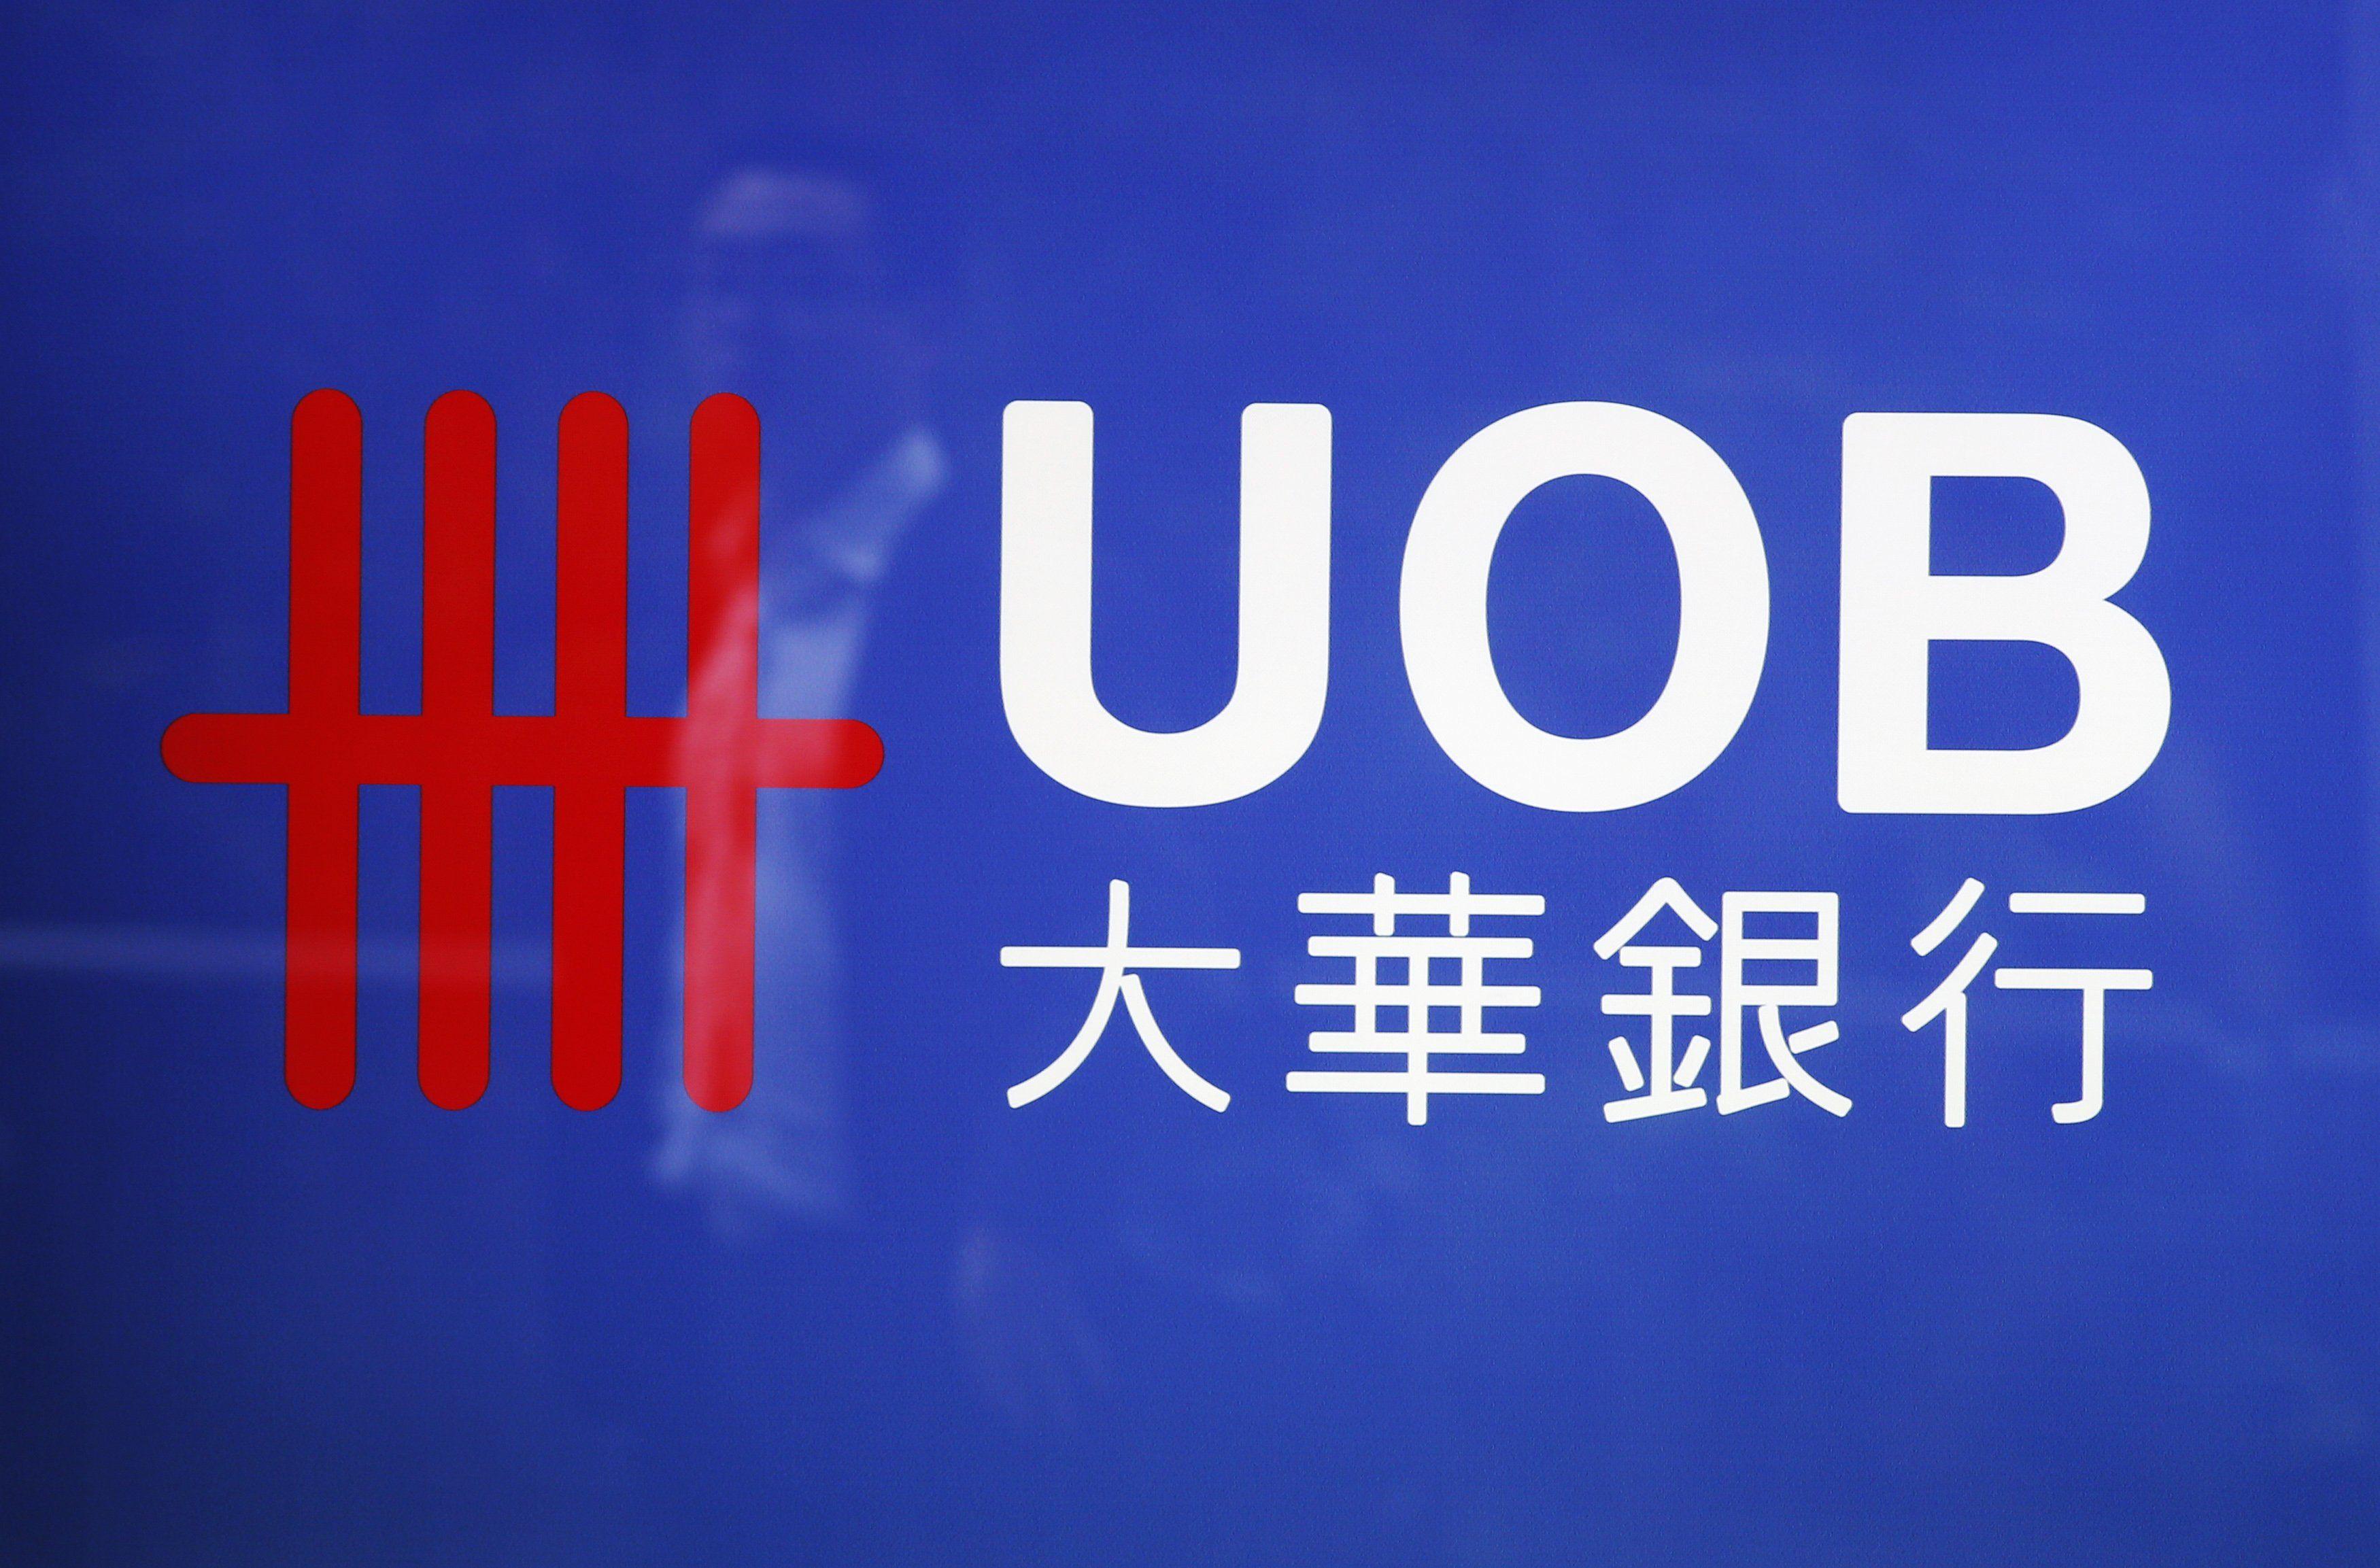 توقعات بنك UOB للأزواج الرئيسية - 18 يناير